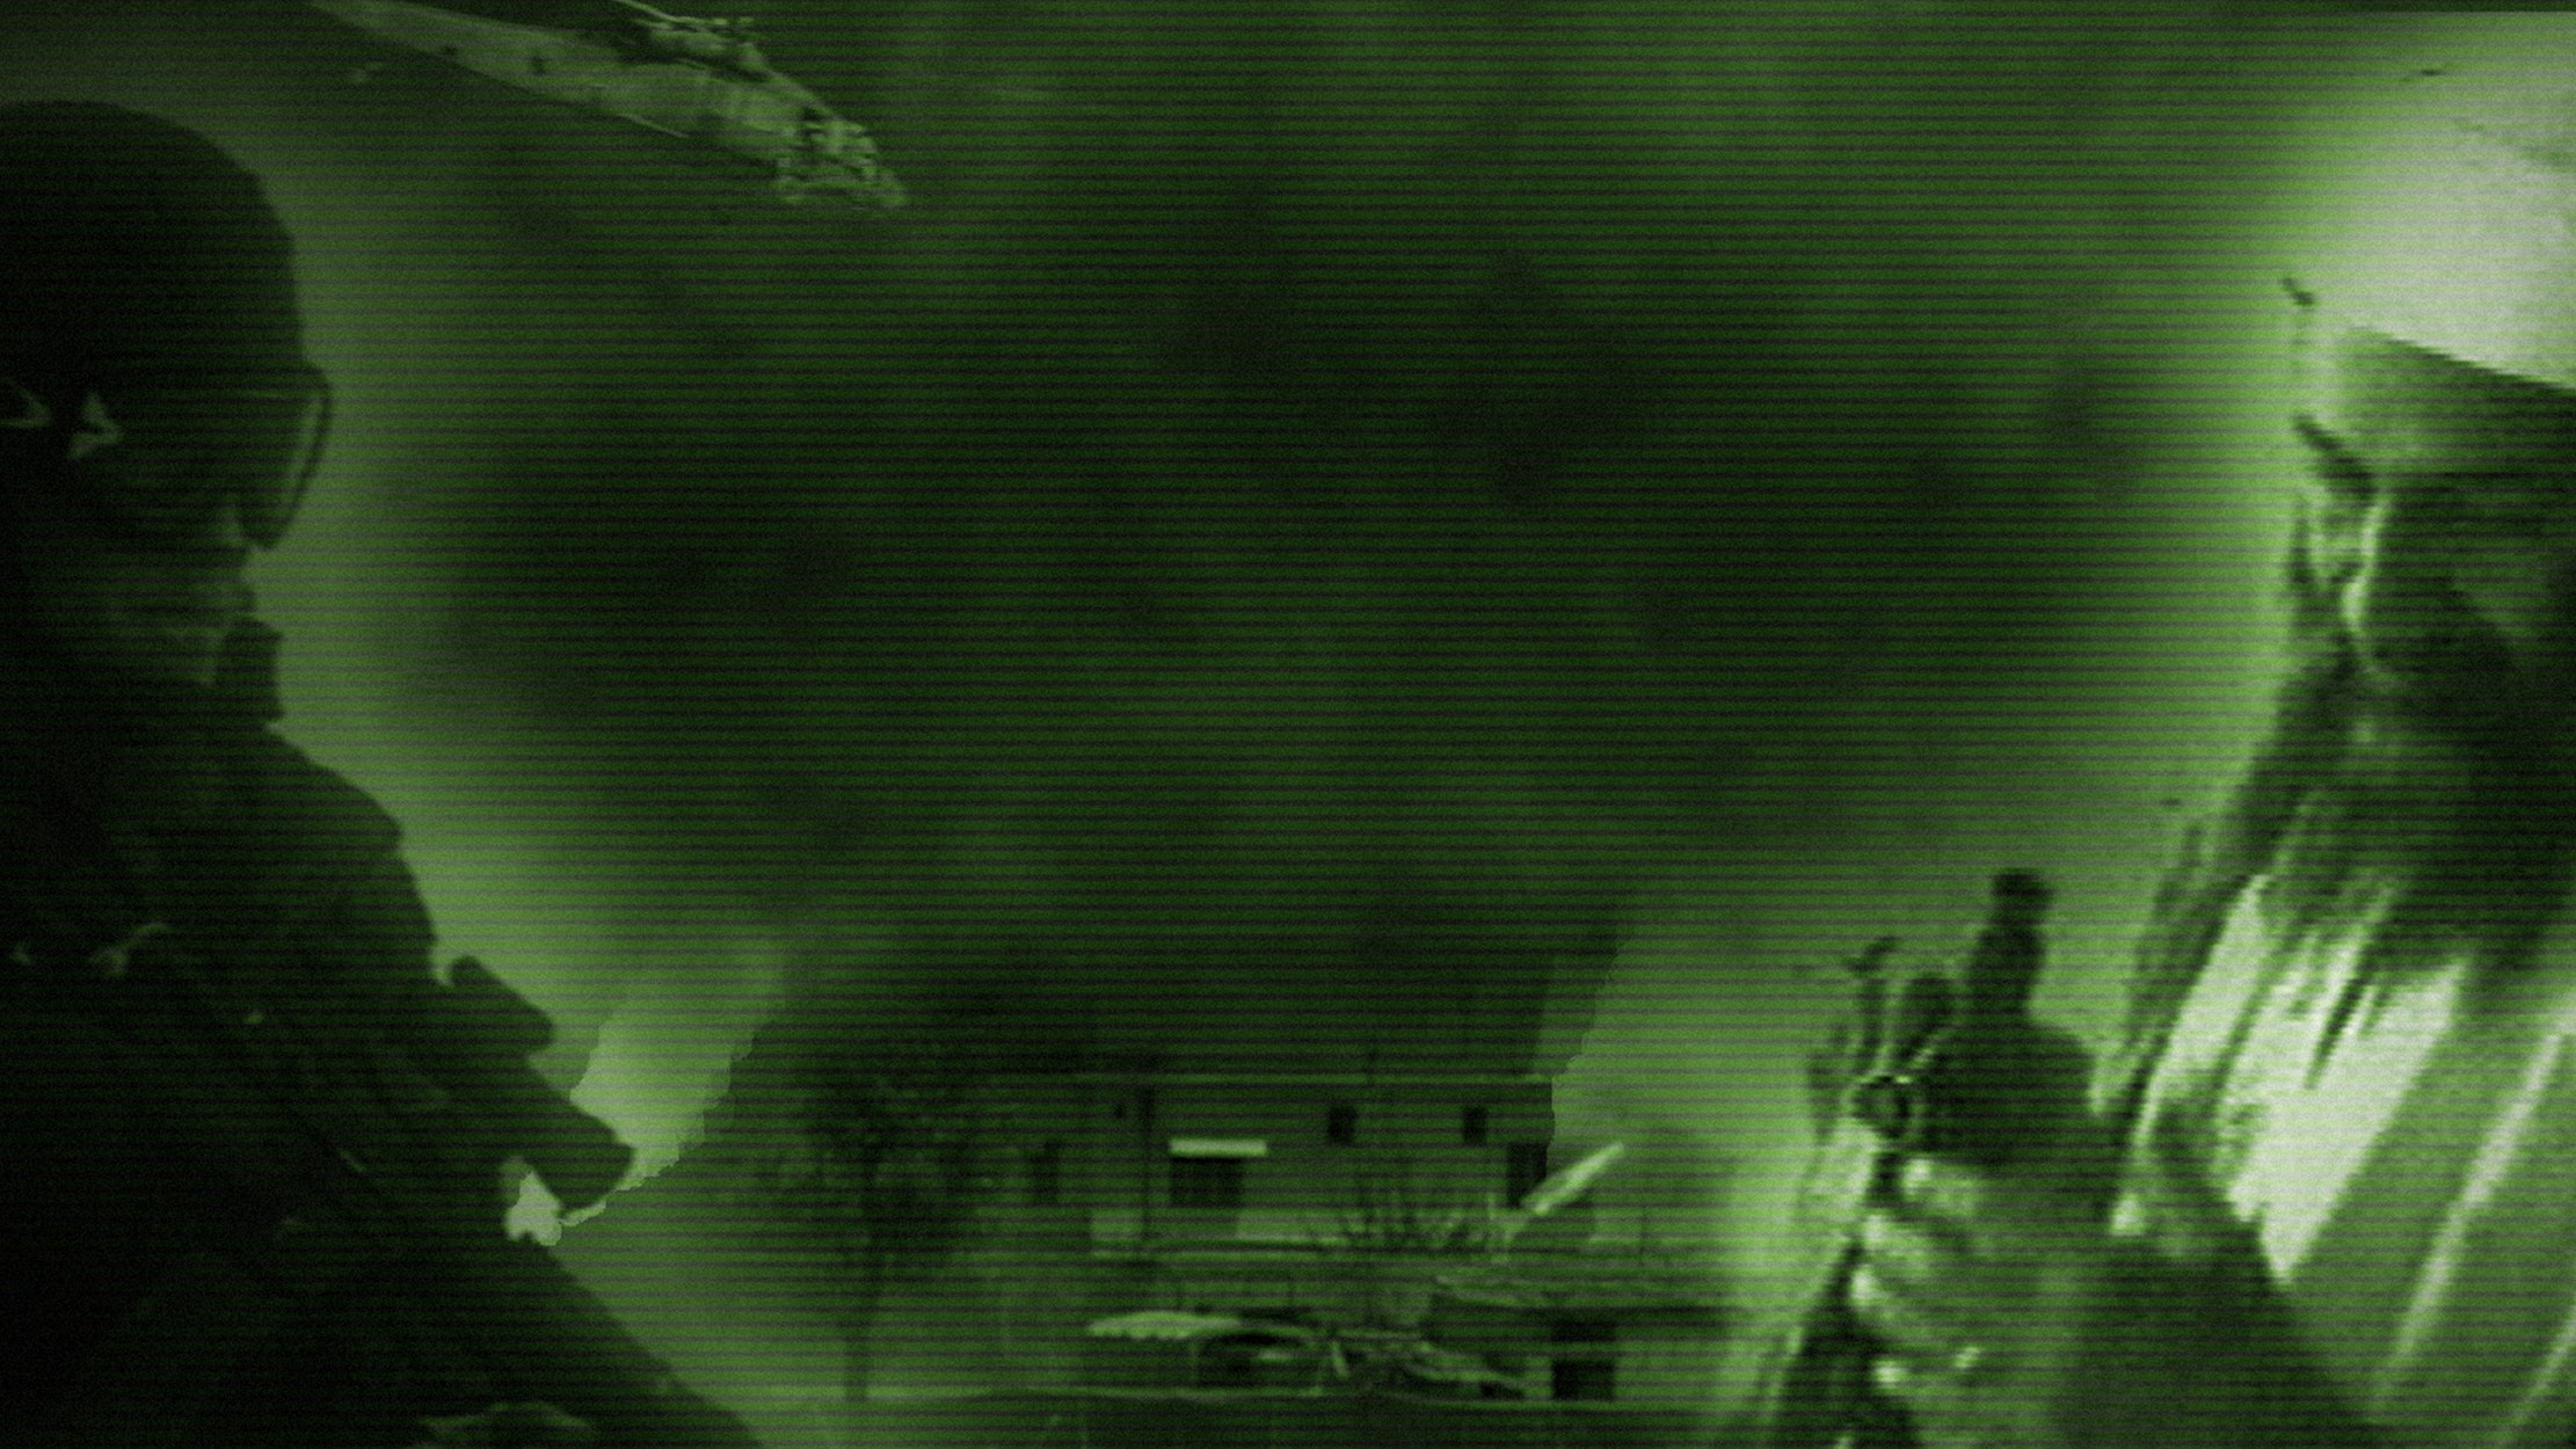 Countdown: Bin Laden seriesDetail